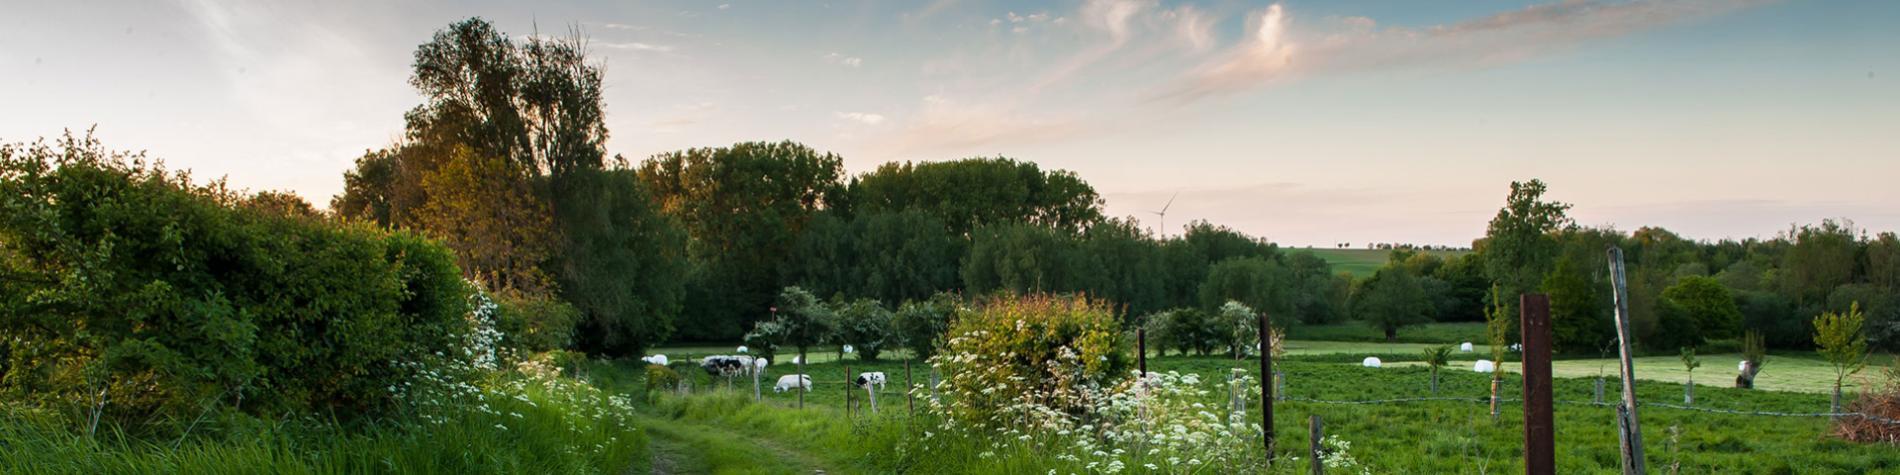 Parc Naturel - Vallées de la Burdinale - Mehaigne